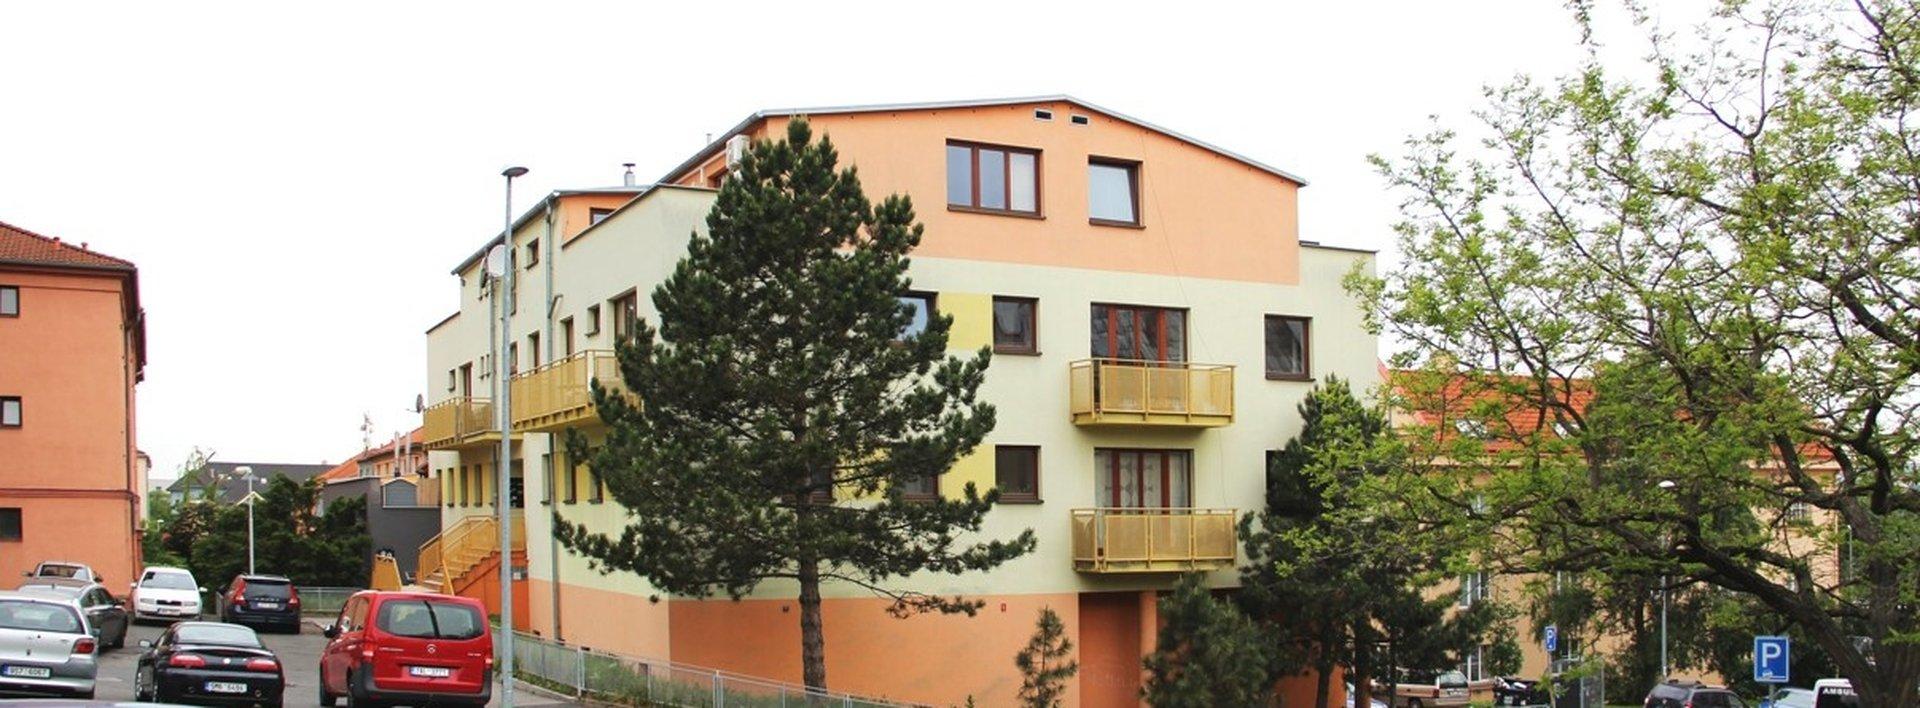 Prodej bytu 2+1 s velkorysou terasou , 120 m², Ev.č.: N49050